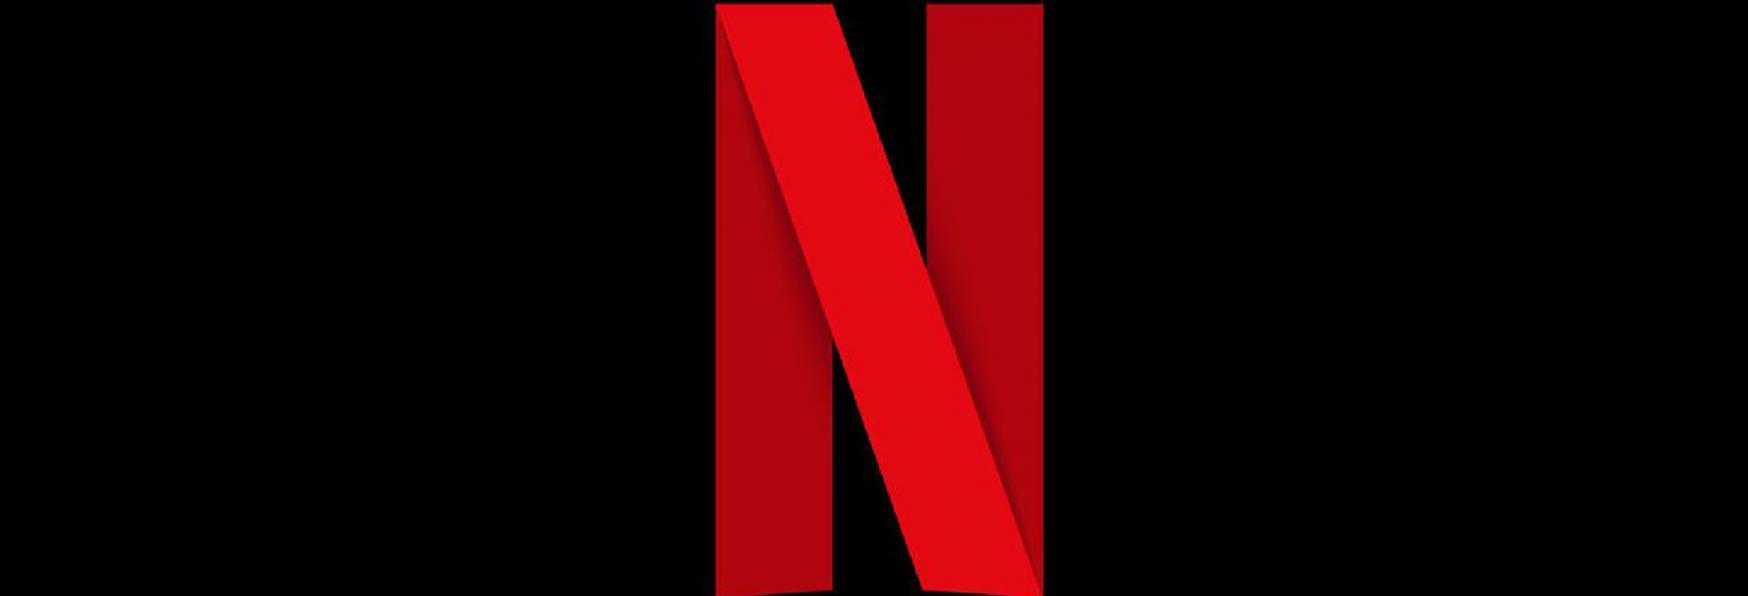 TUDUM: la Scaletta Completa dell'Evento Netflix che si terrà il 25 Settembre